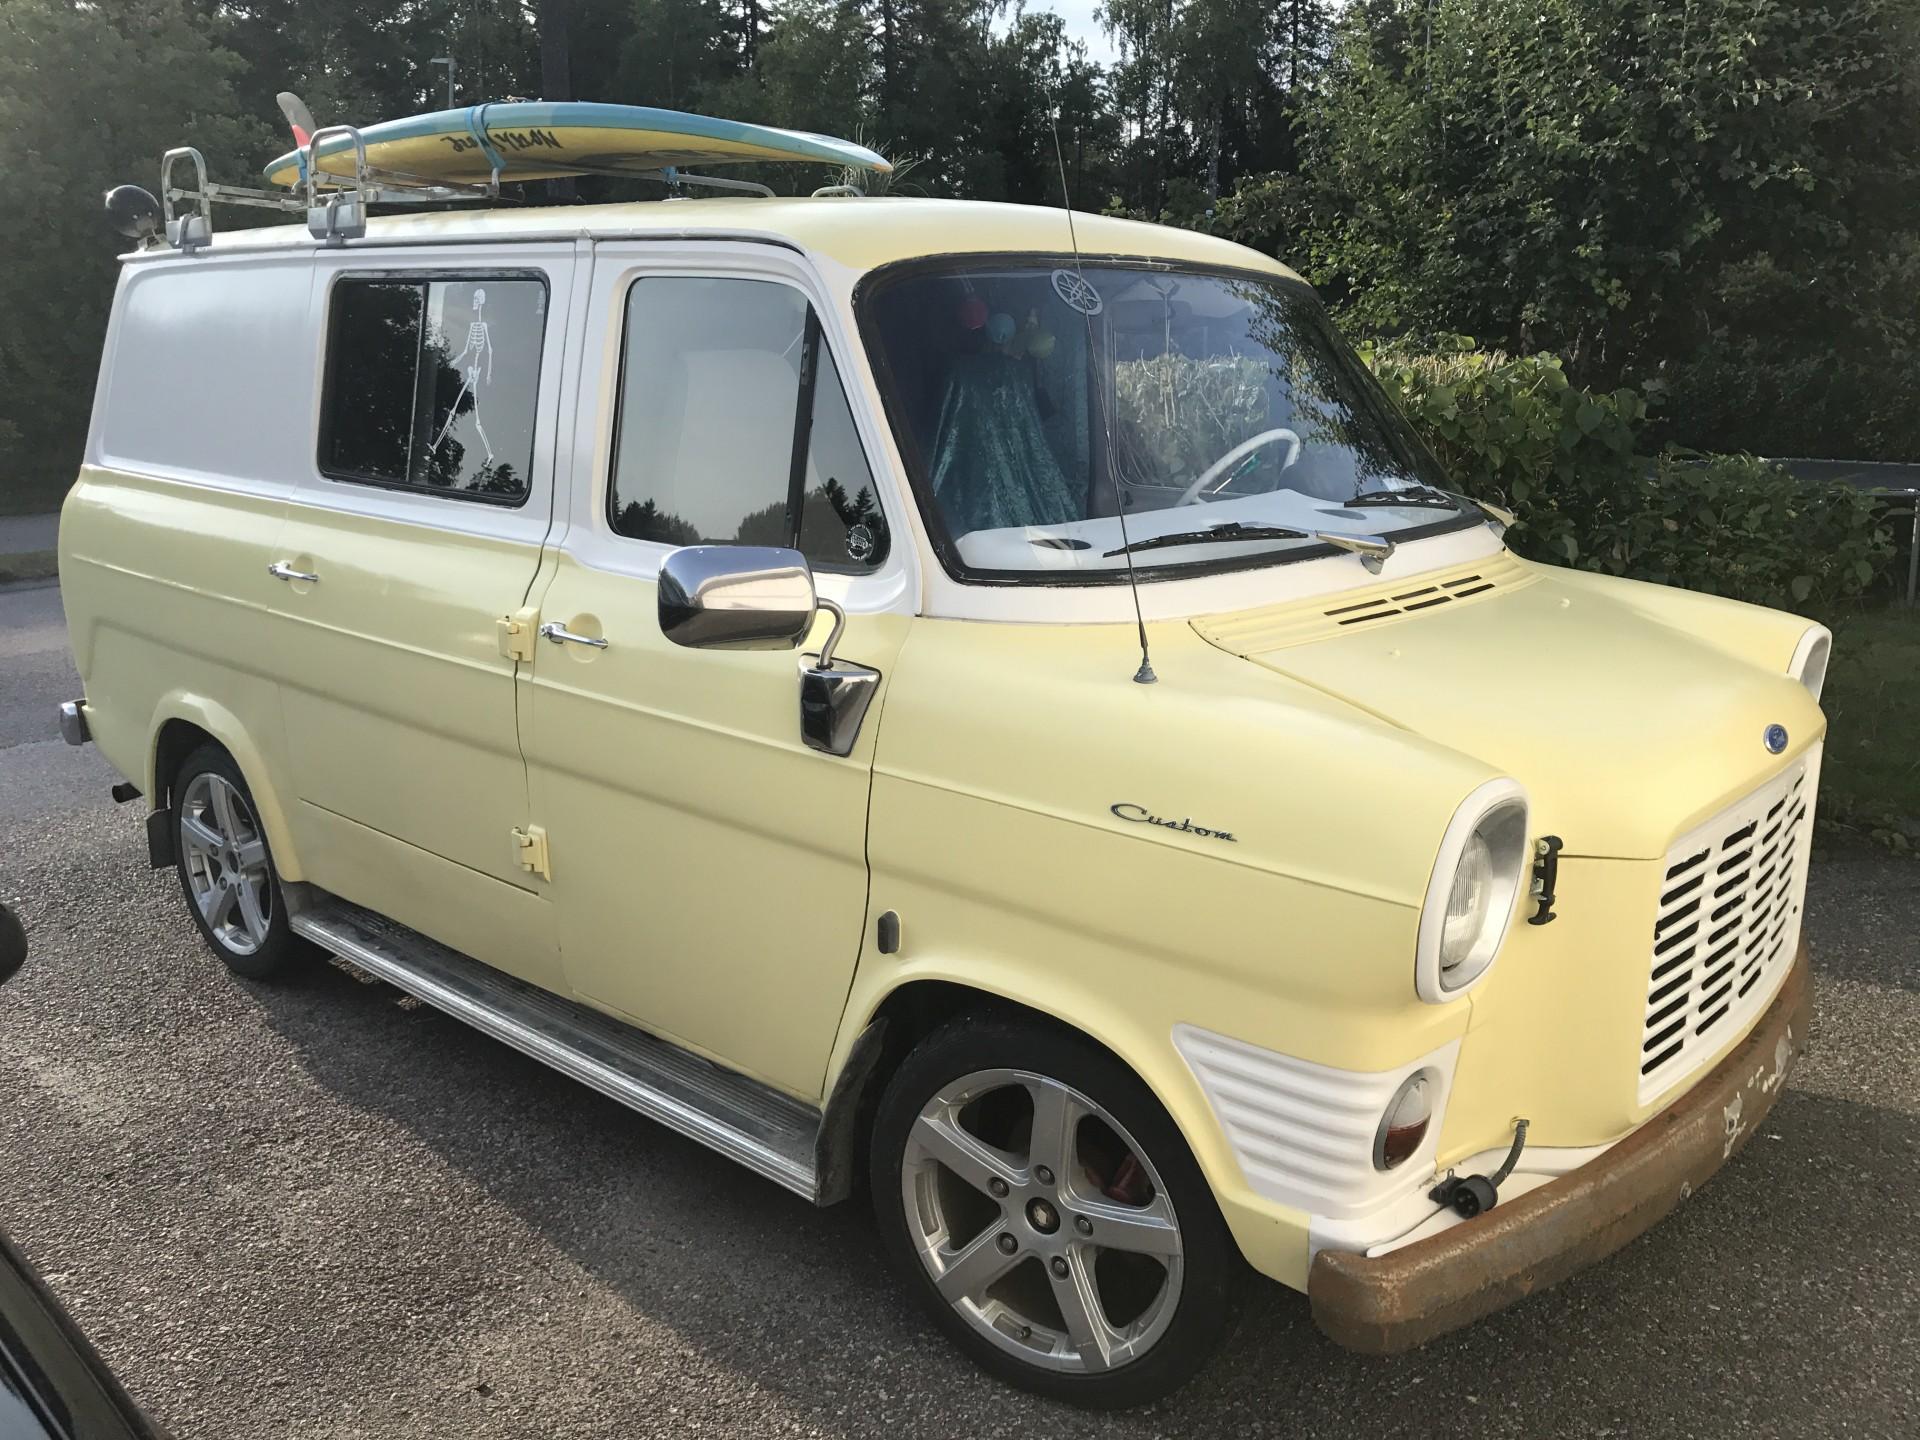 Ford Transit 1100 Van Hire Upplands Väsby